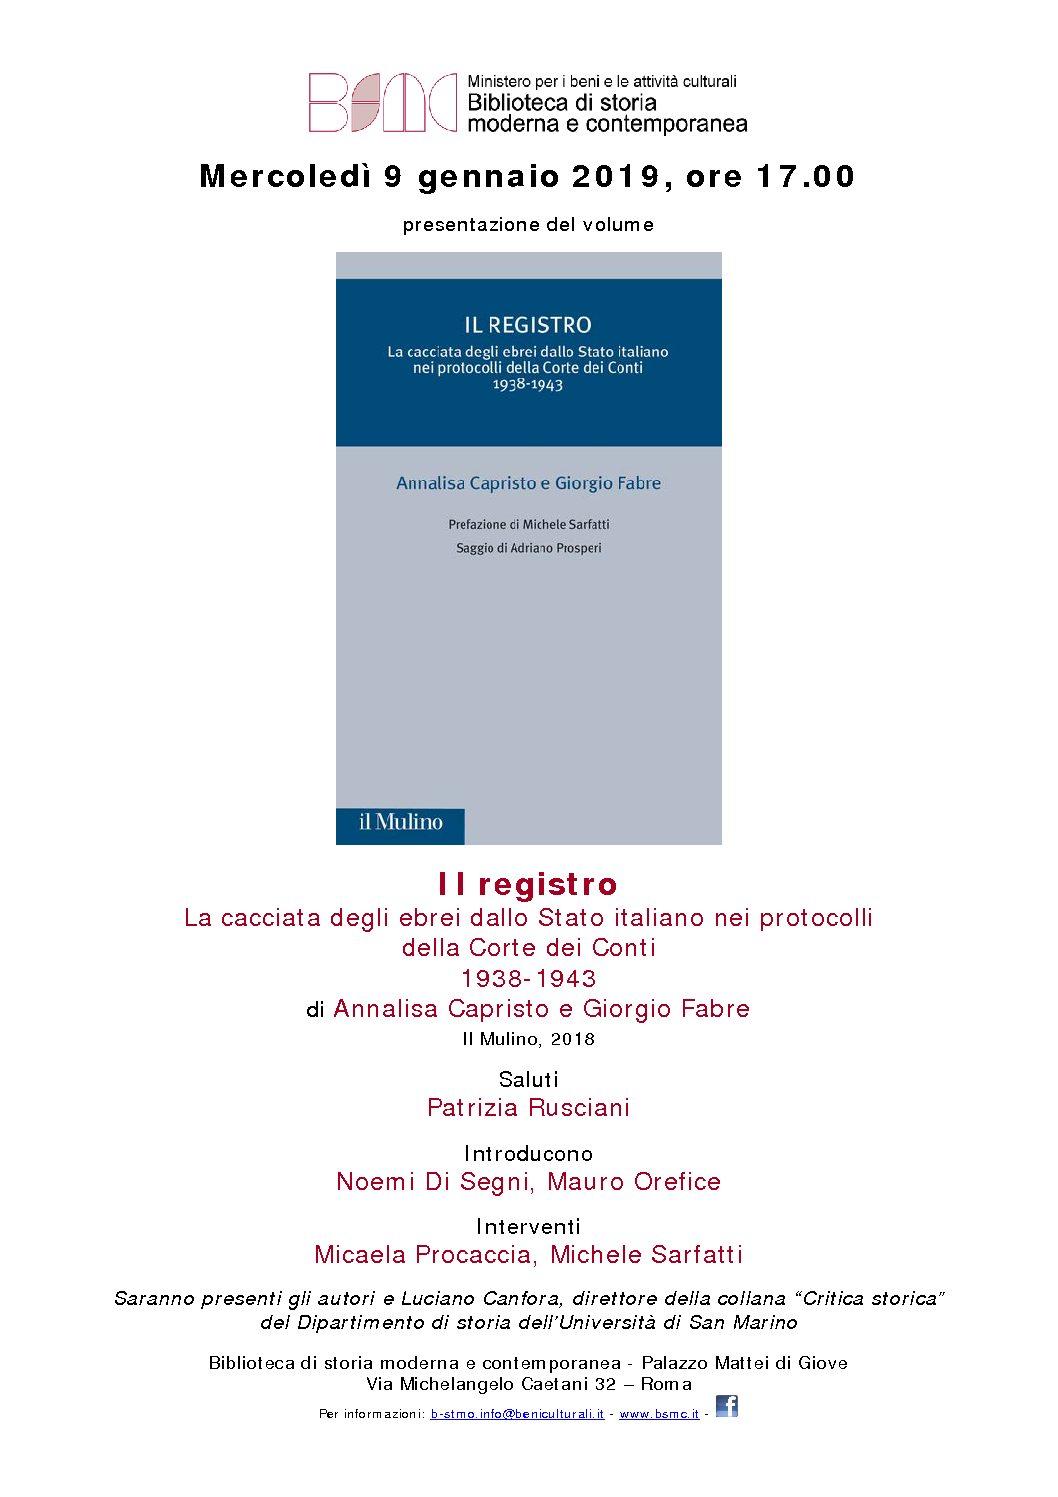 Il registro. La cacciata degli ebrei dallo Stato italiano nei protocolli della Corte dei Conti 1938-1943. Biblioteca di storia moderna e contemporanea – Roma, 9 gennaio 2019 ore 17.00